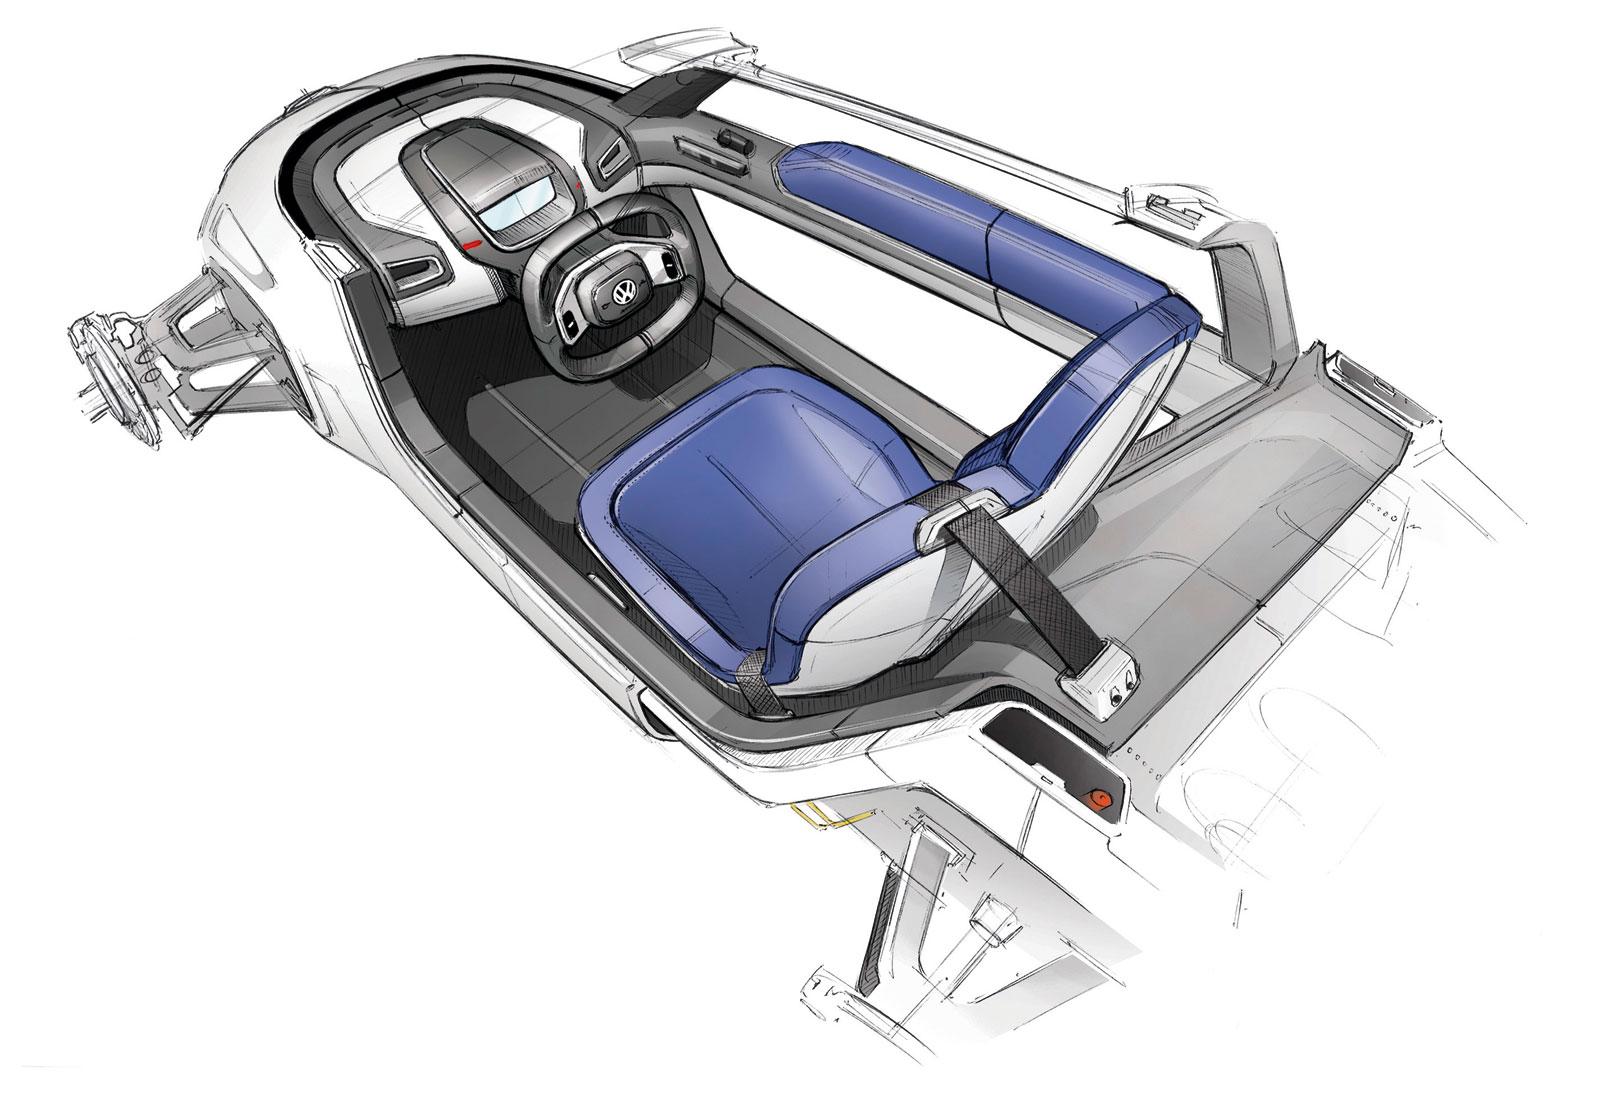 2011 Volkswagen Nils Concepts